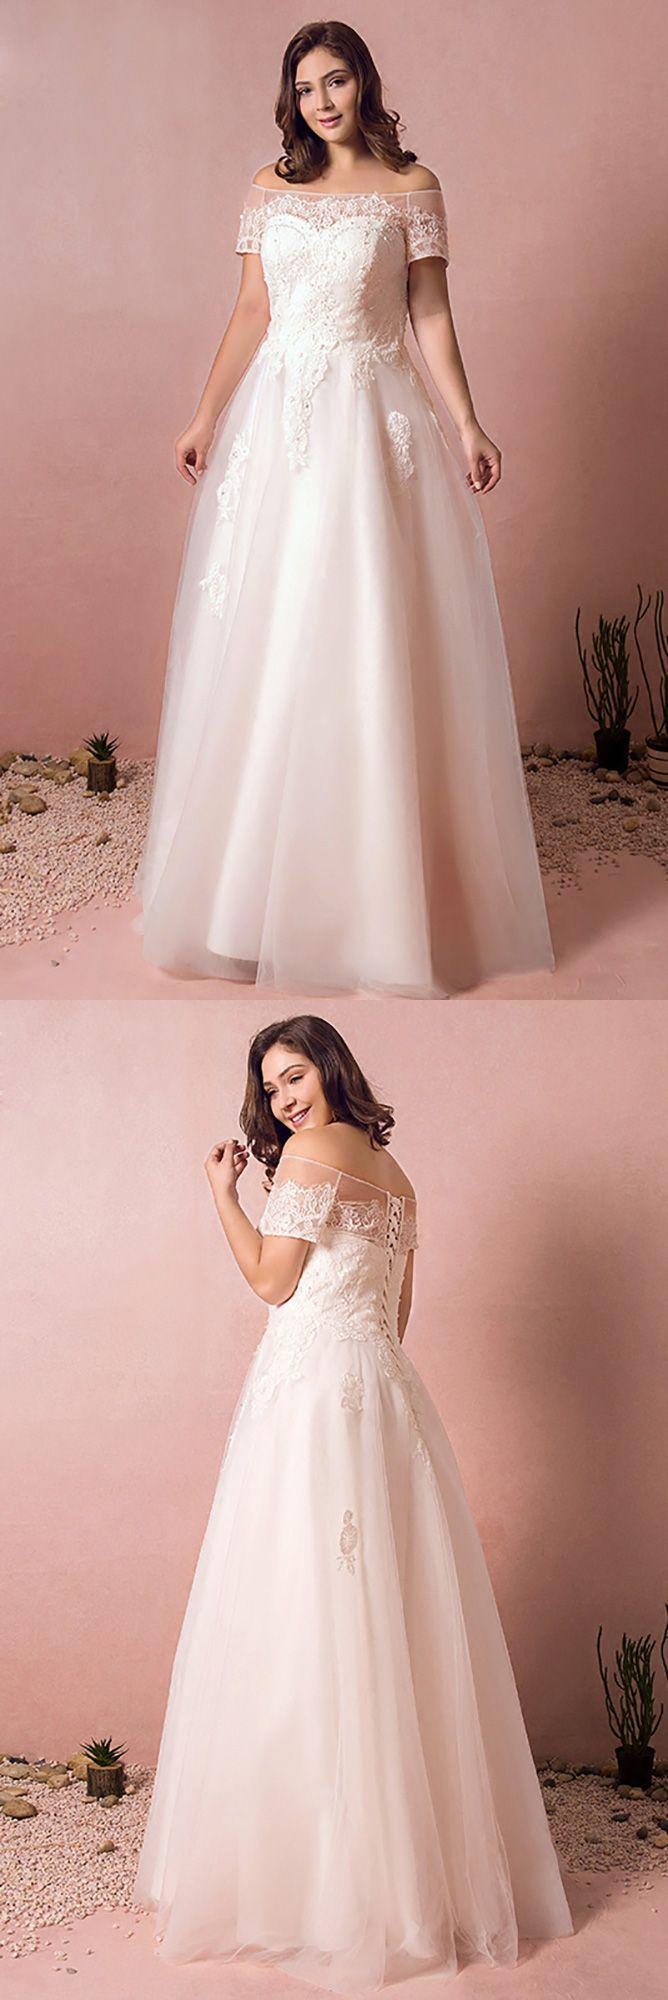 327 best Plus Size Beauty Bride images on Pinterest